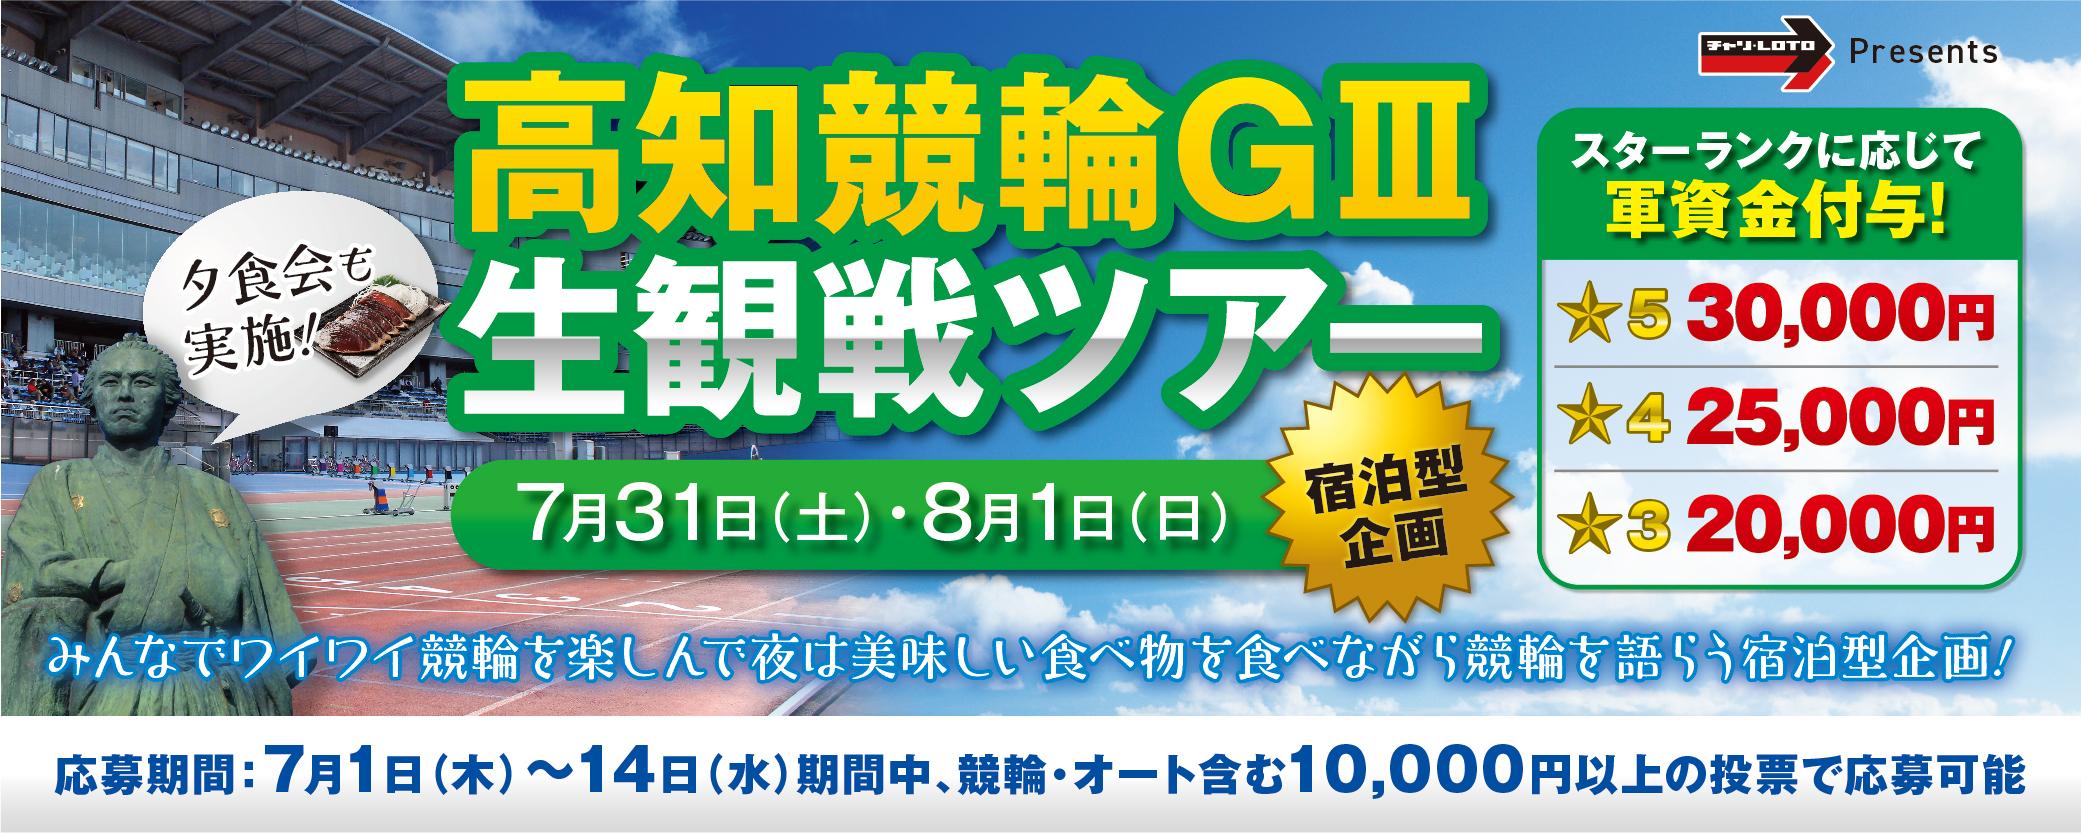 チャリロトプレゼンツ!★3以上限定!高知競輪場でGⅢ生観戦をしよう!